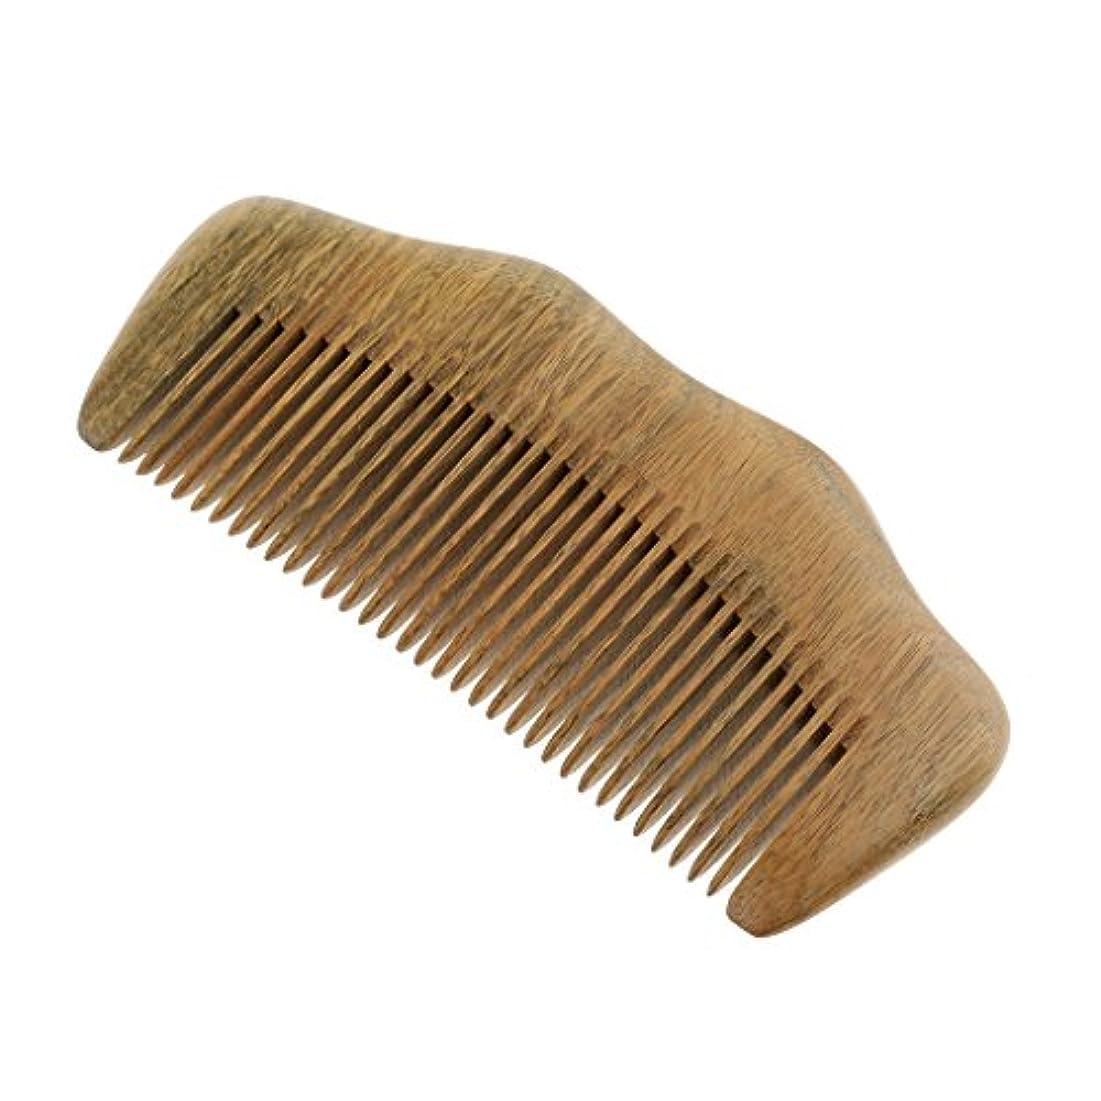 パノラマモール戦術ウッドヘアコーム 自然な木 櫛 ヘアケア マッサージ 細かい歯 静電気防止 滑らか